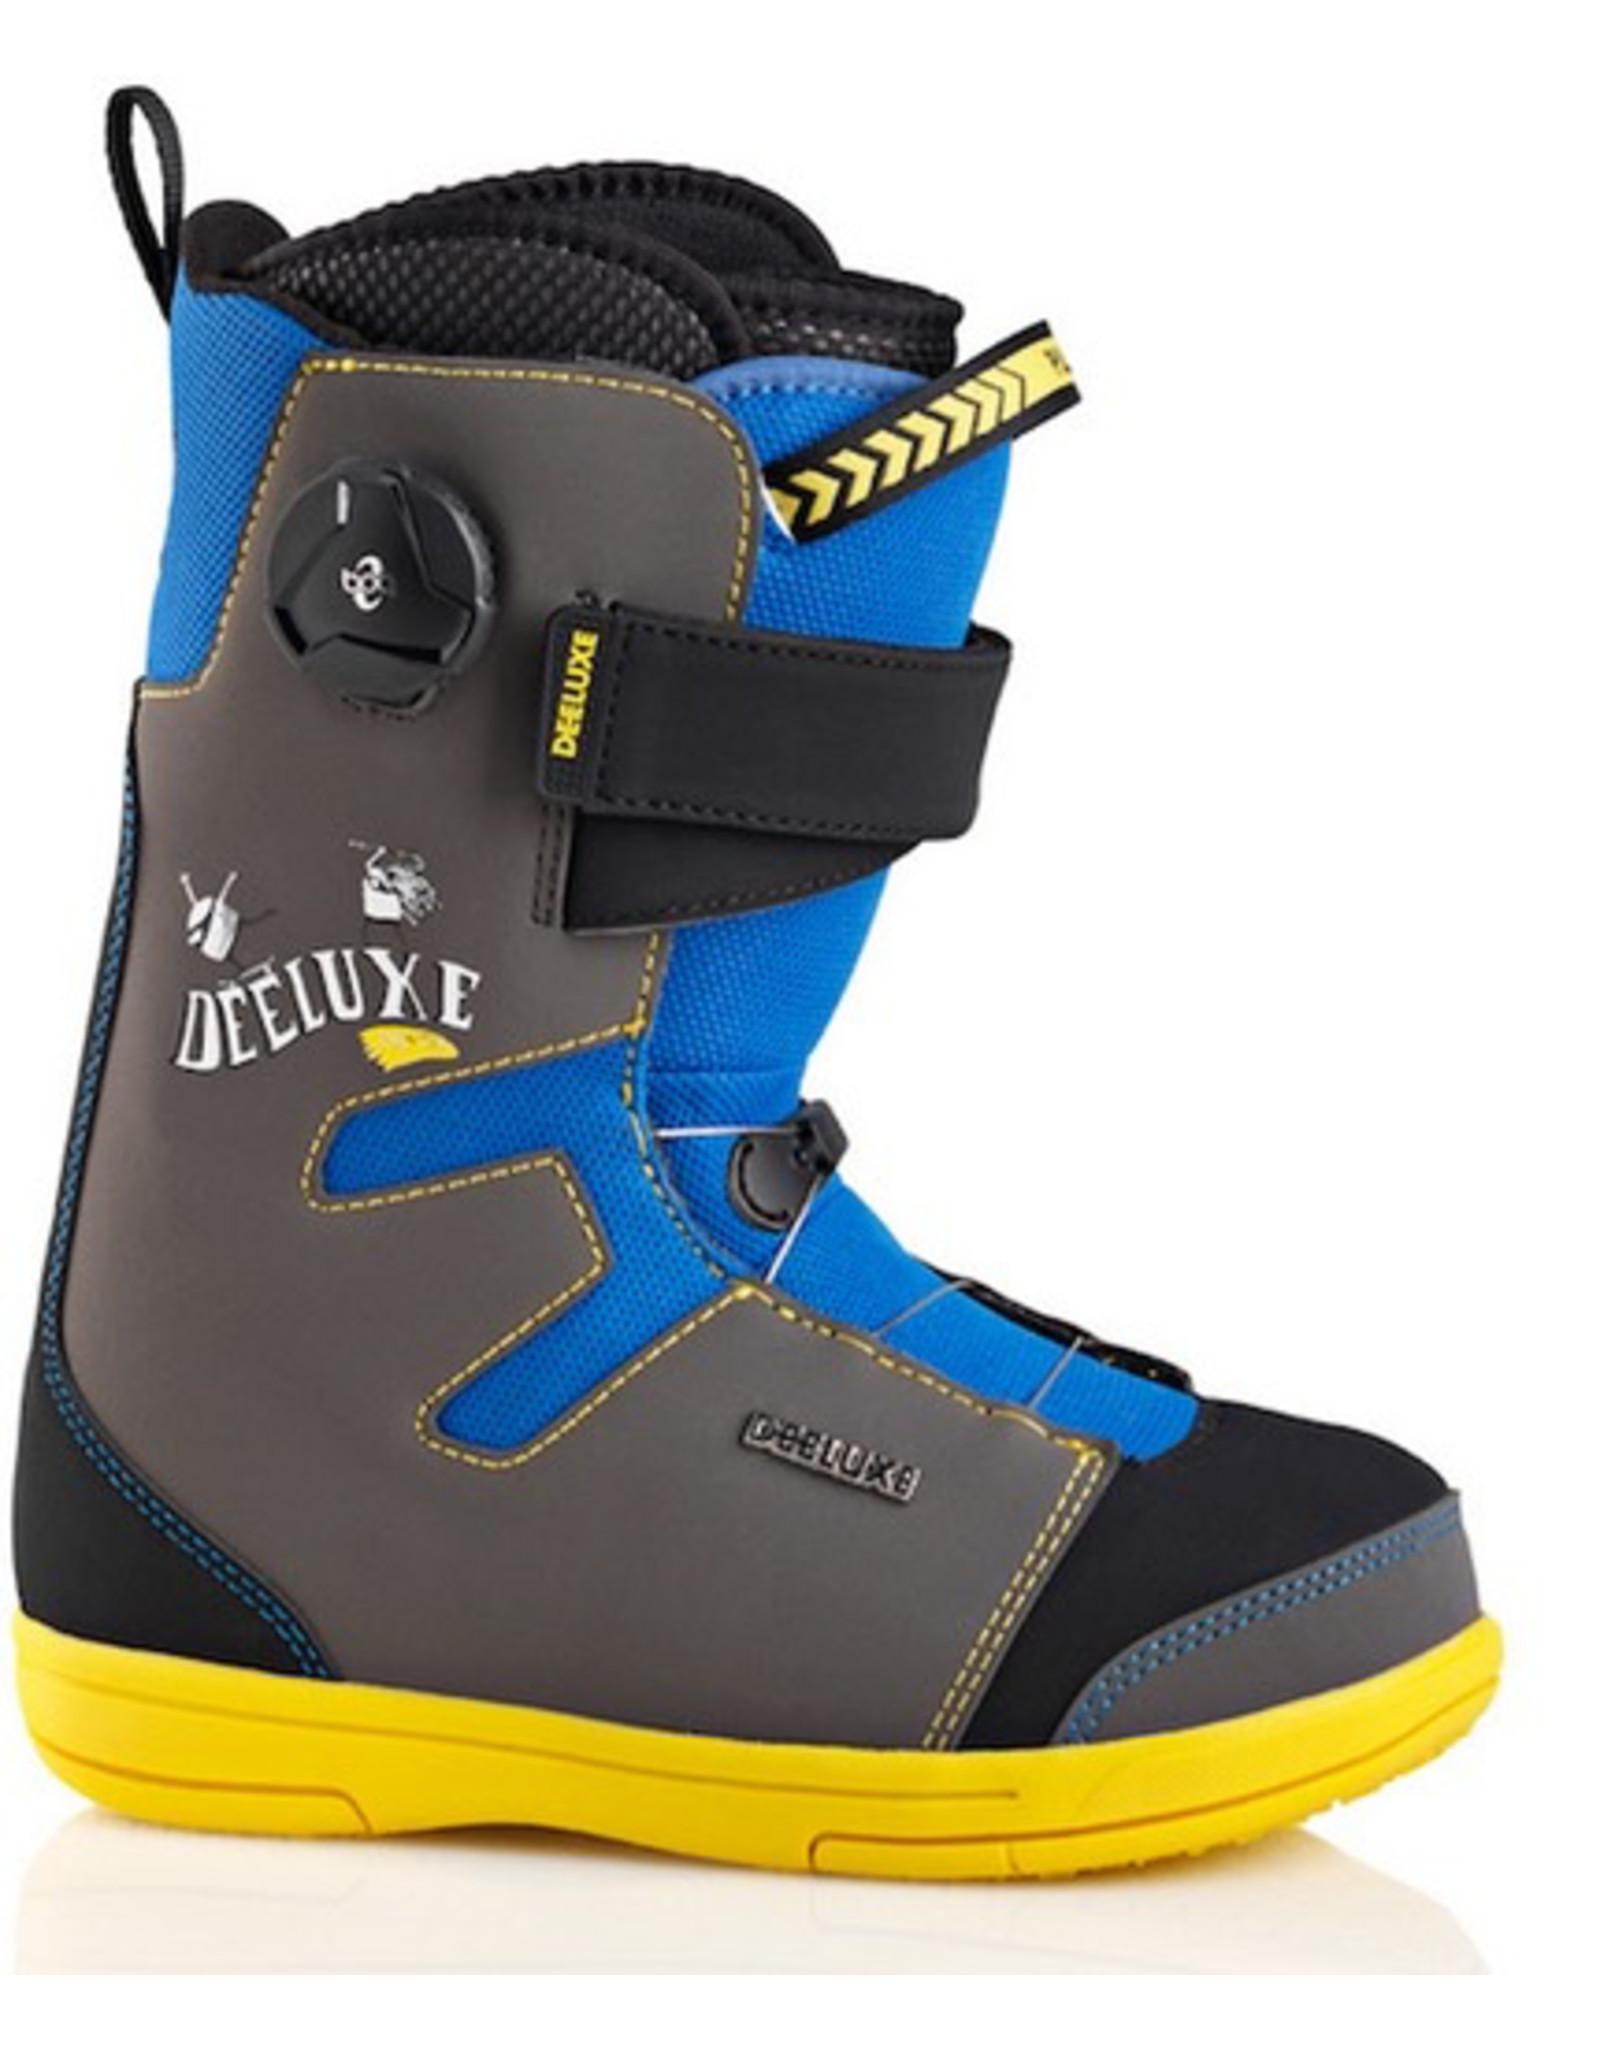 Deeluxe Deeluxe - Junior (C3), Blu/Yel, 34-205-2,5